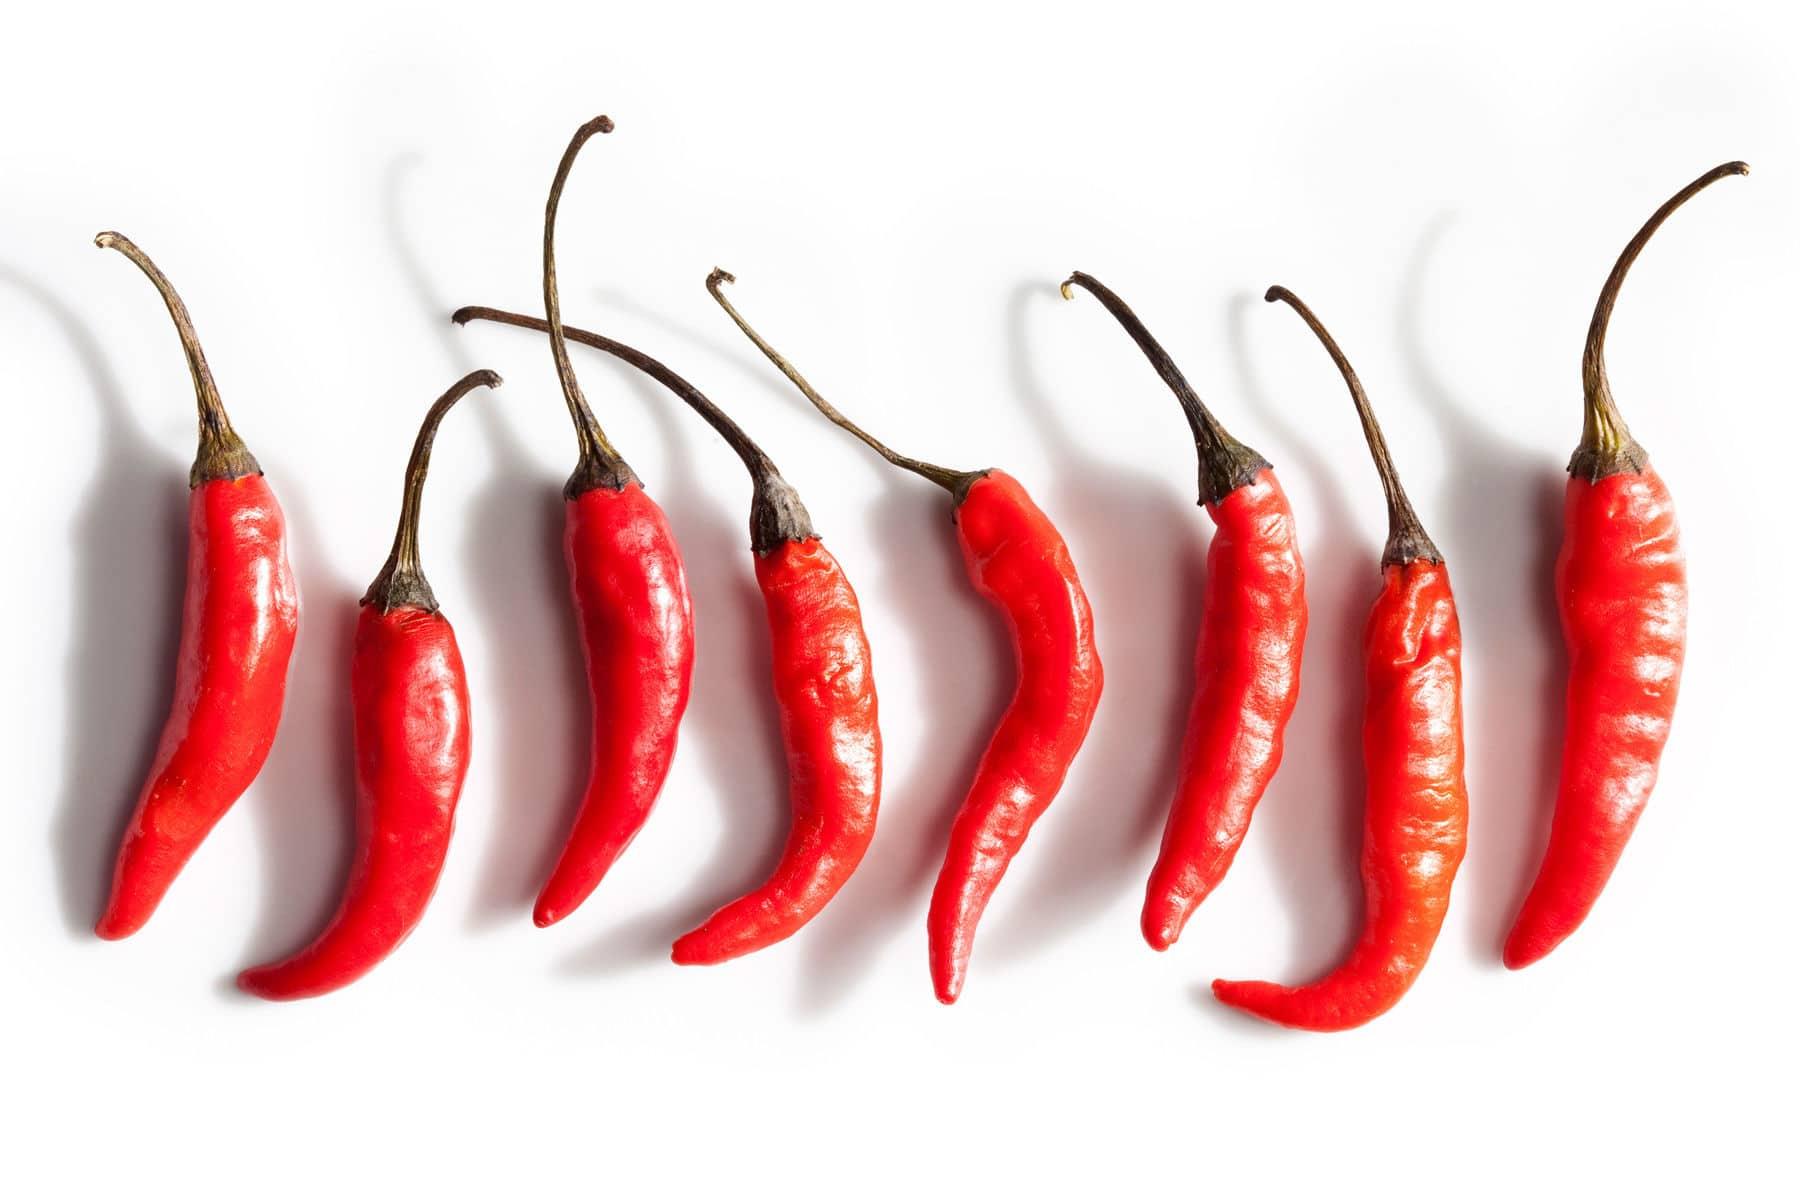 Il peperoncino piccante: piante da coltivare in vaso